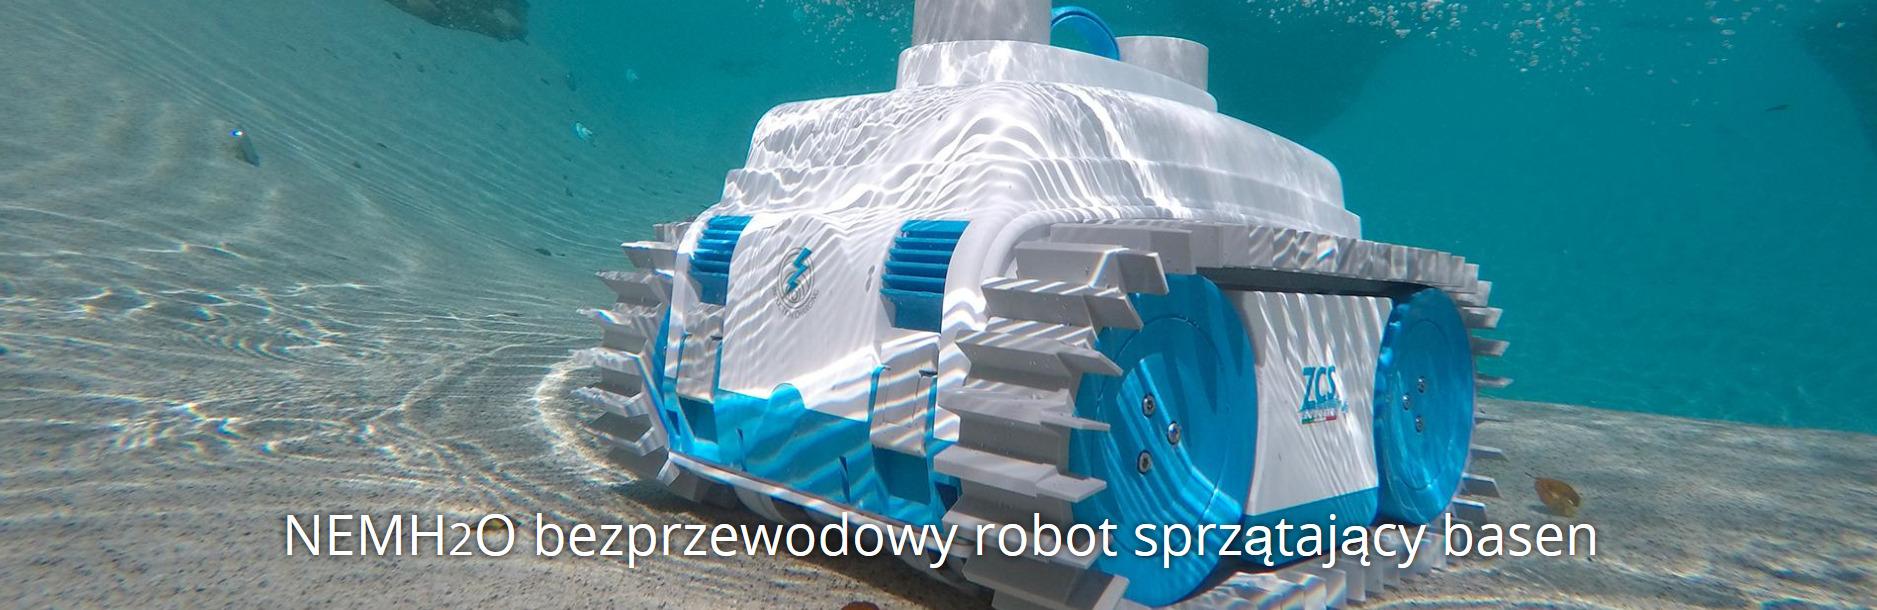 Roboty do czyszczenia dna basenów